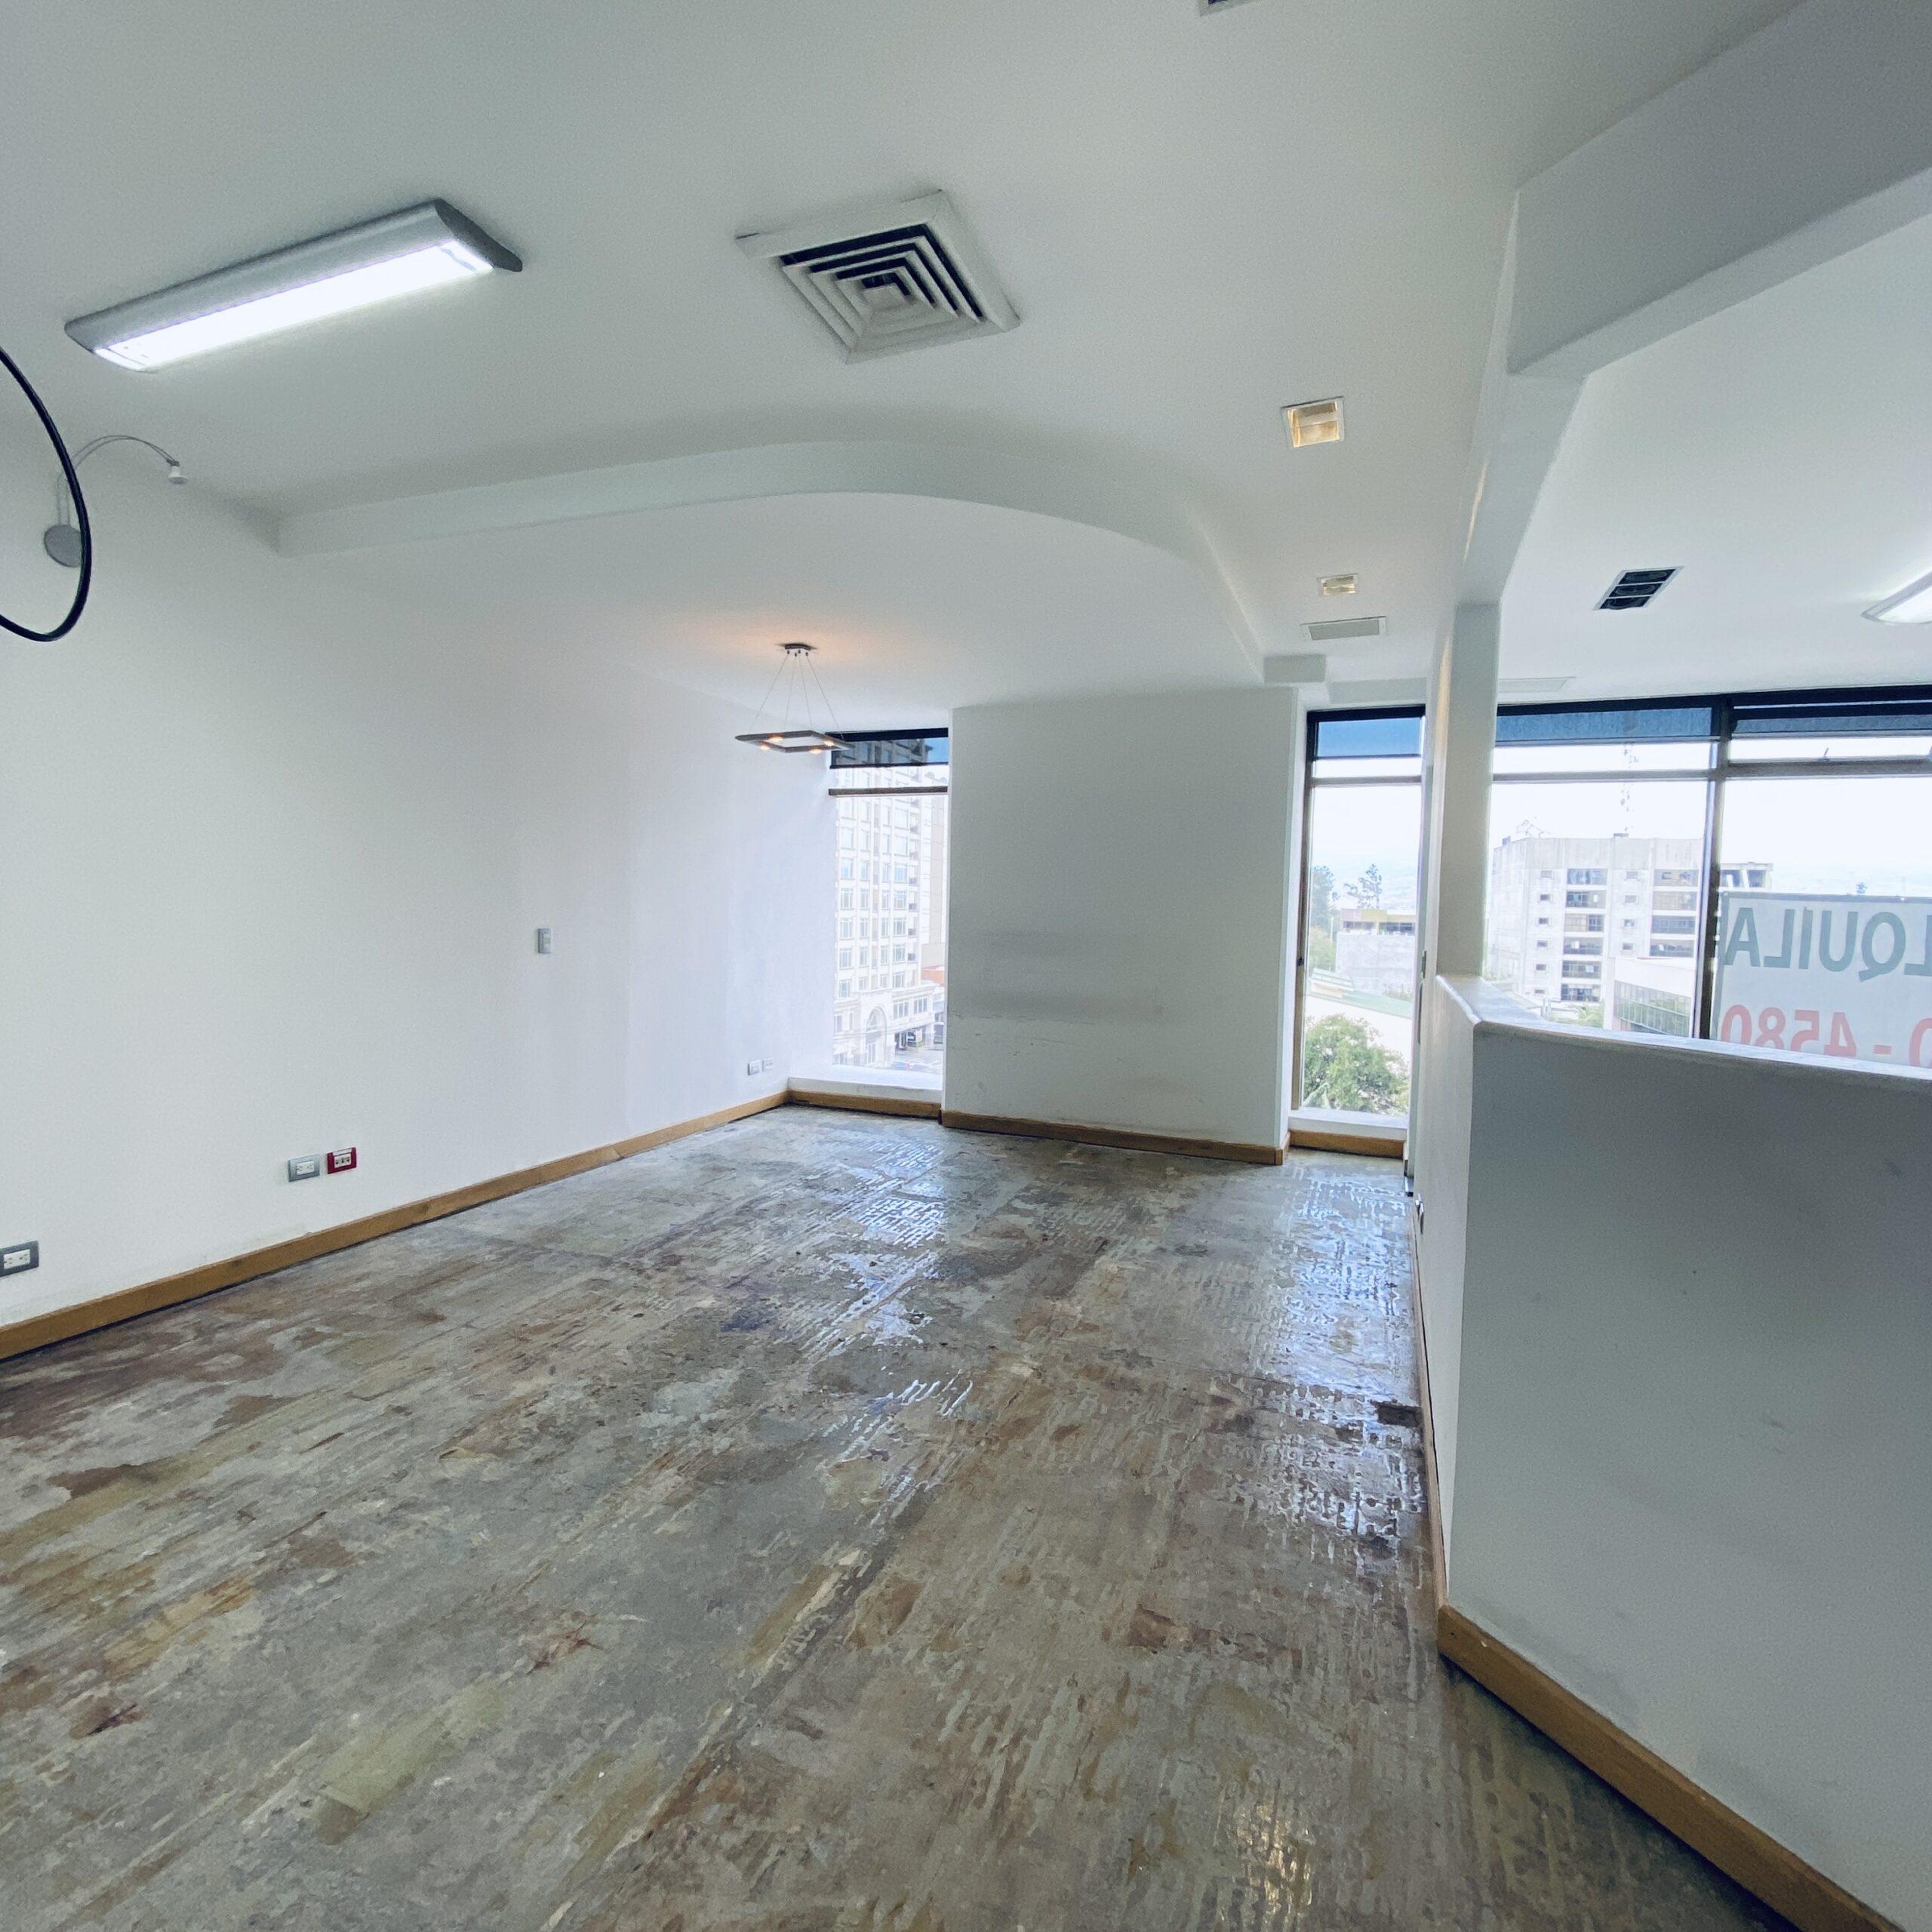 Oficina en alquiler de 96.36 m2